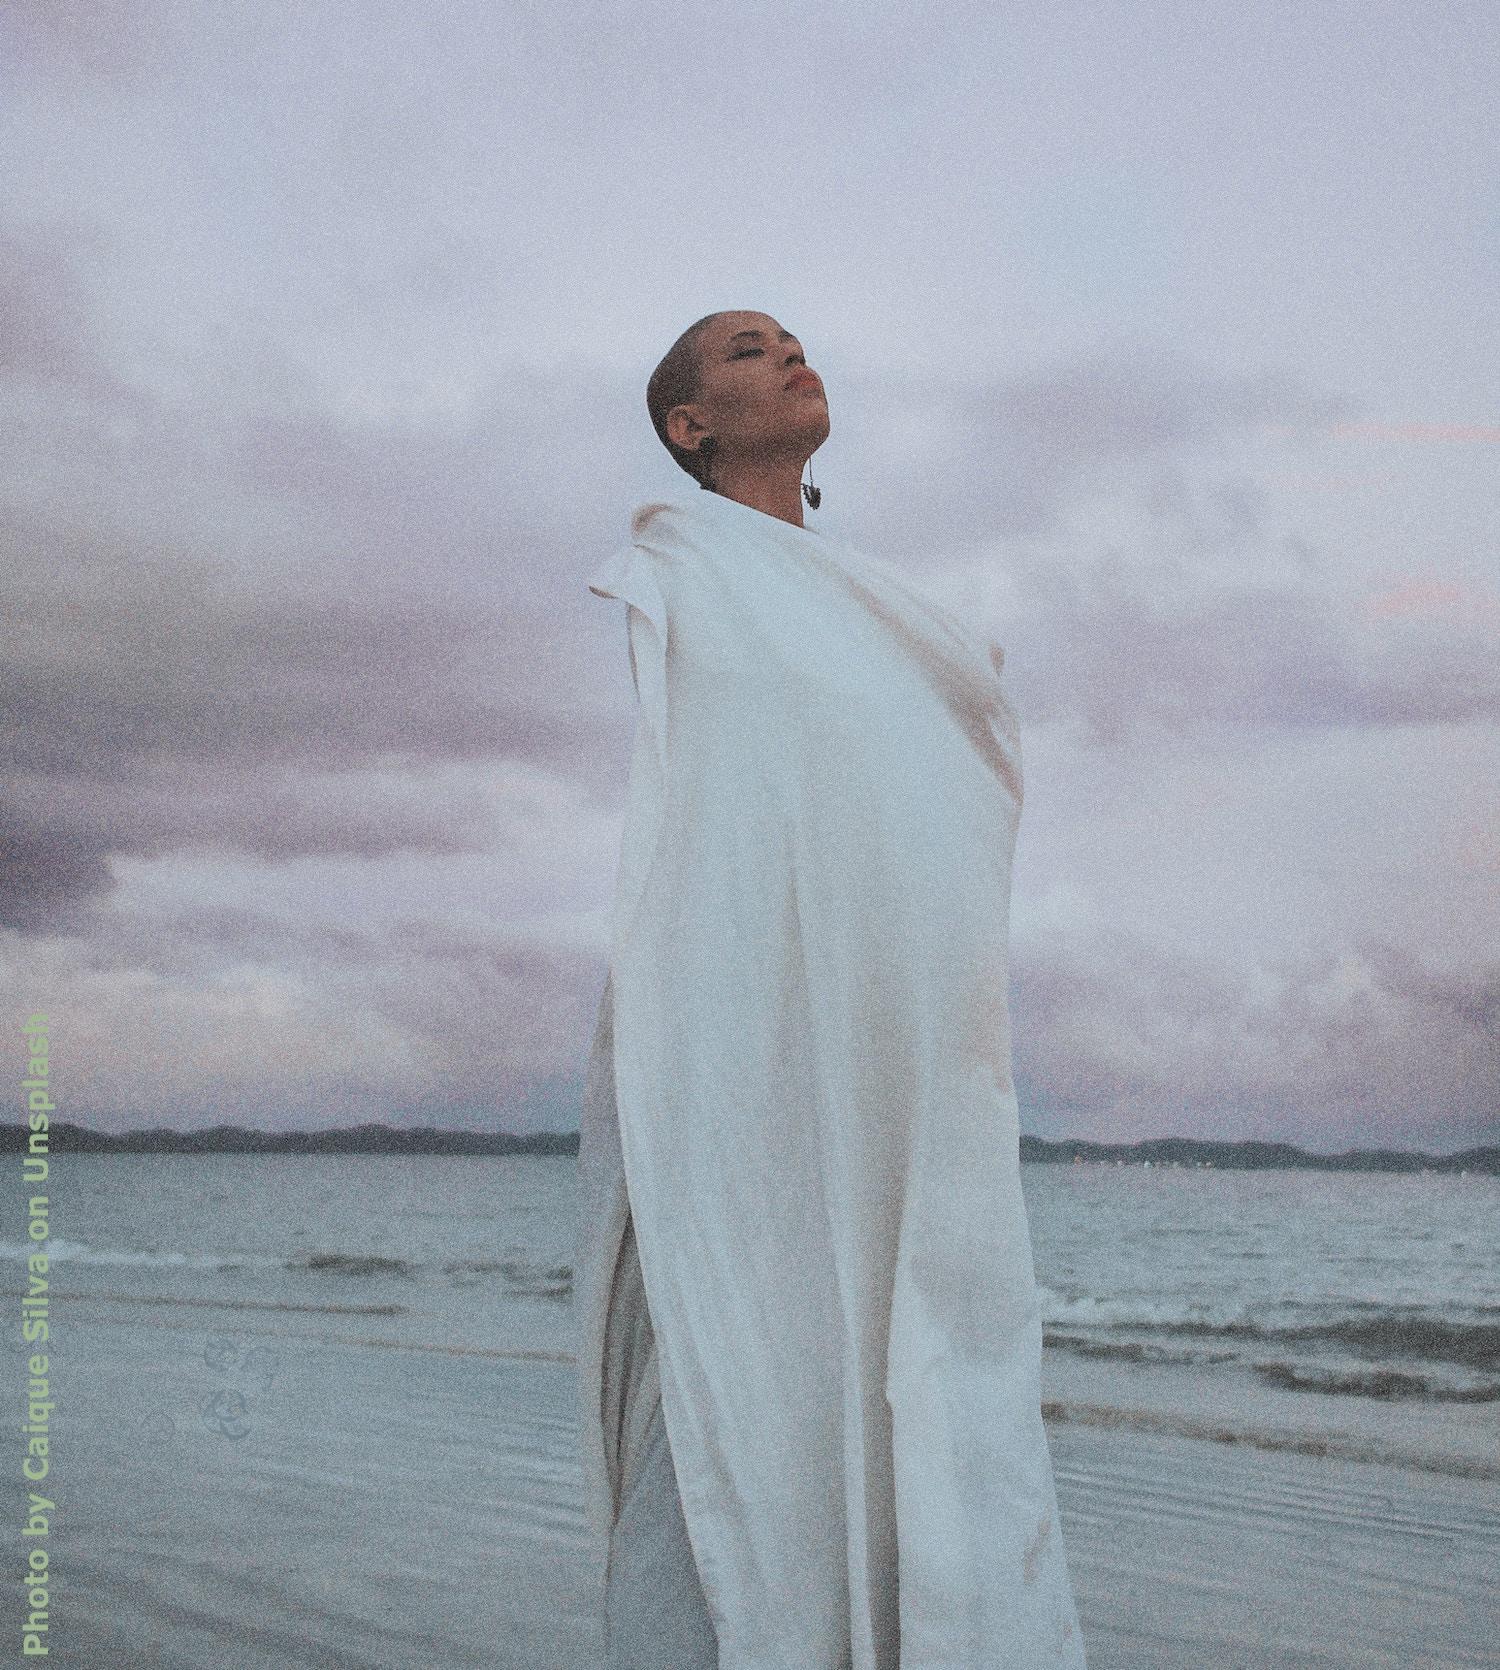 10 of swords, tarot, mayan, daykeeper, Ix, messages, spirit, meditation, inter dimensional, spirit, receptivity, fawn, healingthroughceremony.com, michele fire-river heart